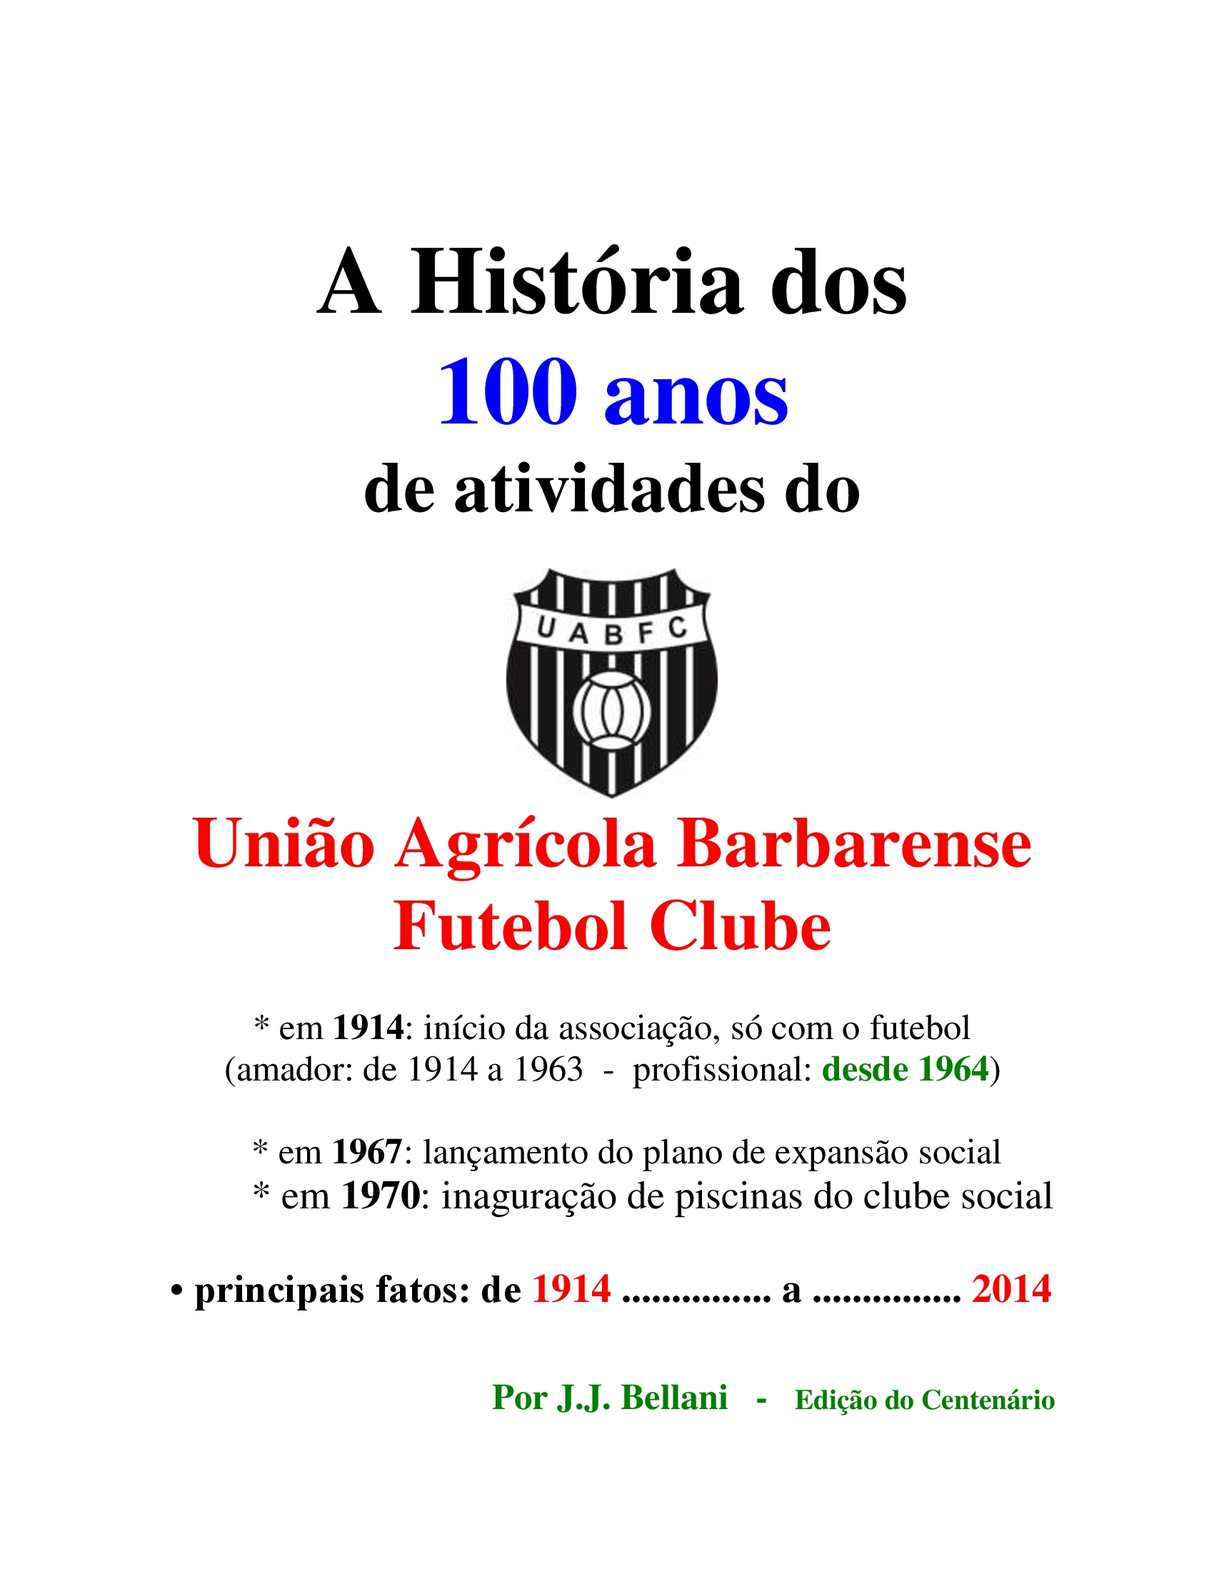 2159e714bb Calaméo - Livro  A história dos 100 anos do União ABFC